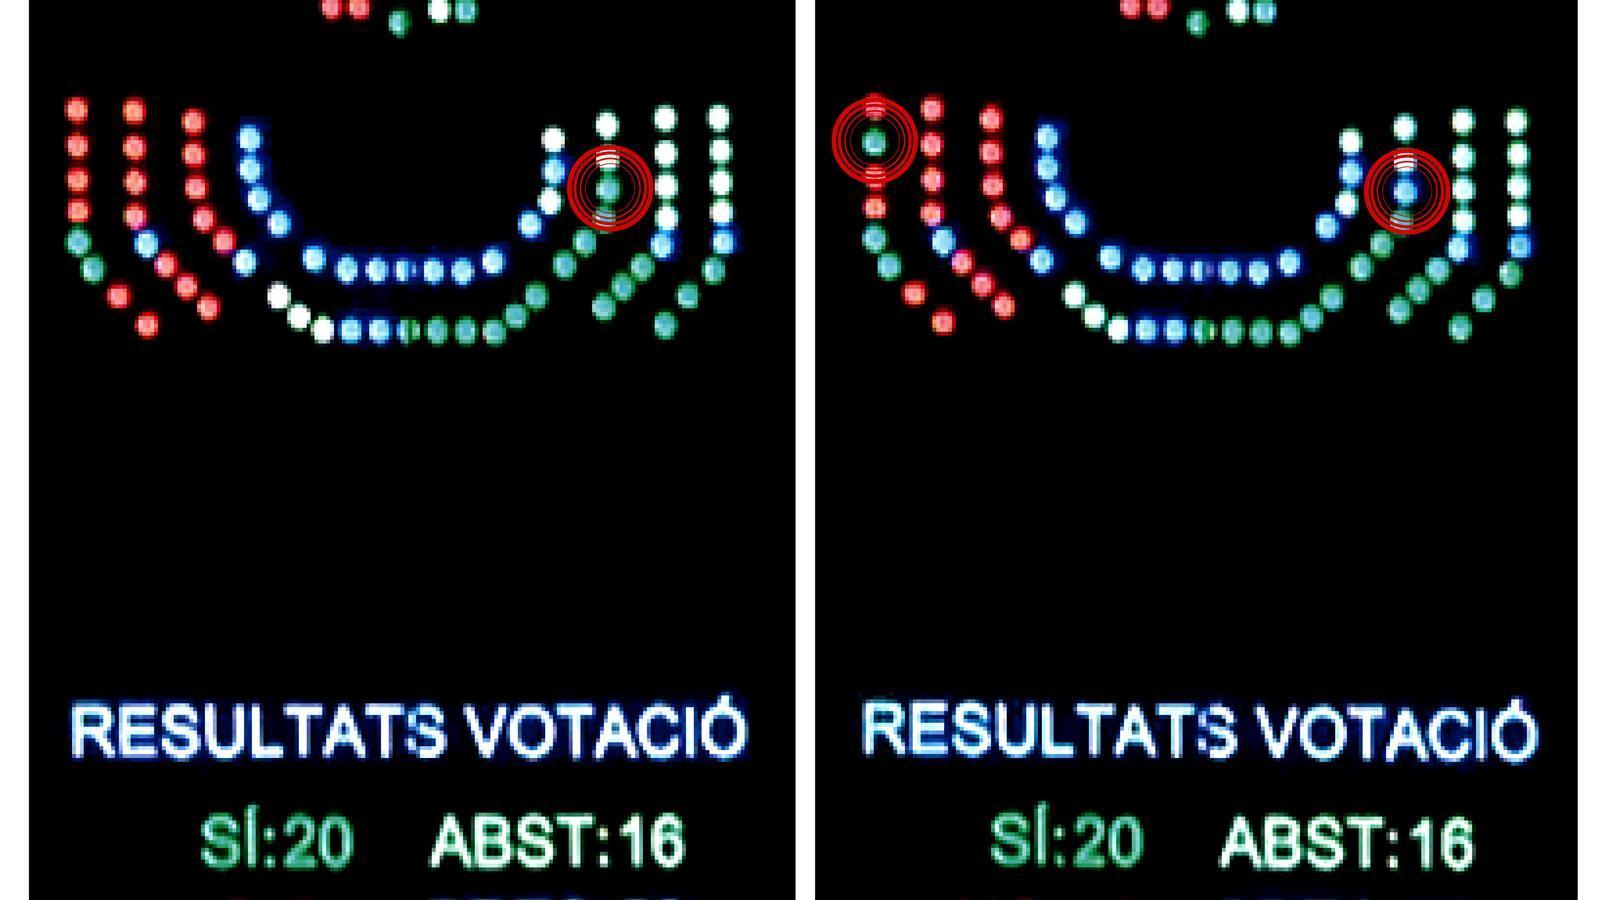 Les pantalles de votació del Parlament. A l'esquerra, el vot a favor de Xico Tarrés (PSIB) que ha obligat a repetir la votació. A la dreta, es veu com María José Ribas (PP) s'equivoca i permet que s'aprovi la proposta mentre que Xico Tarrés no vota.